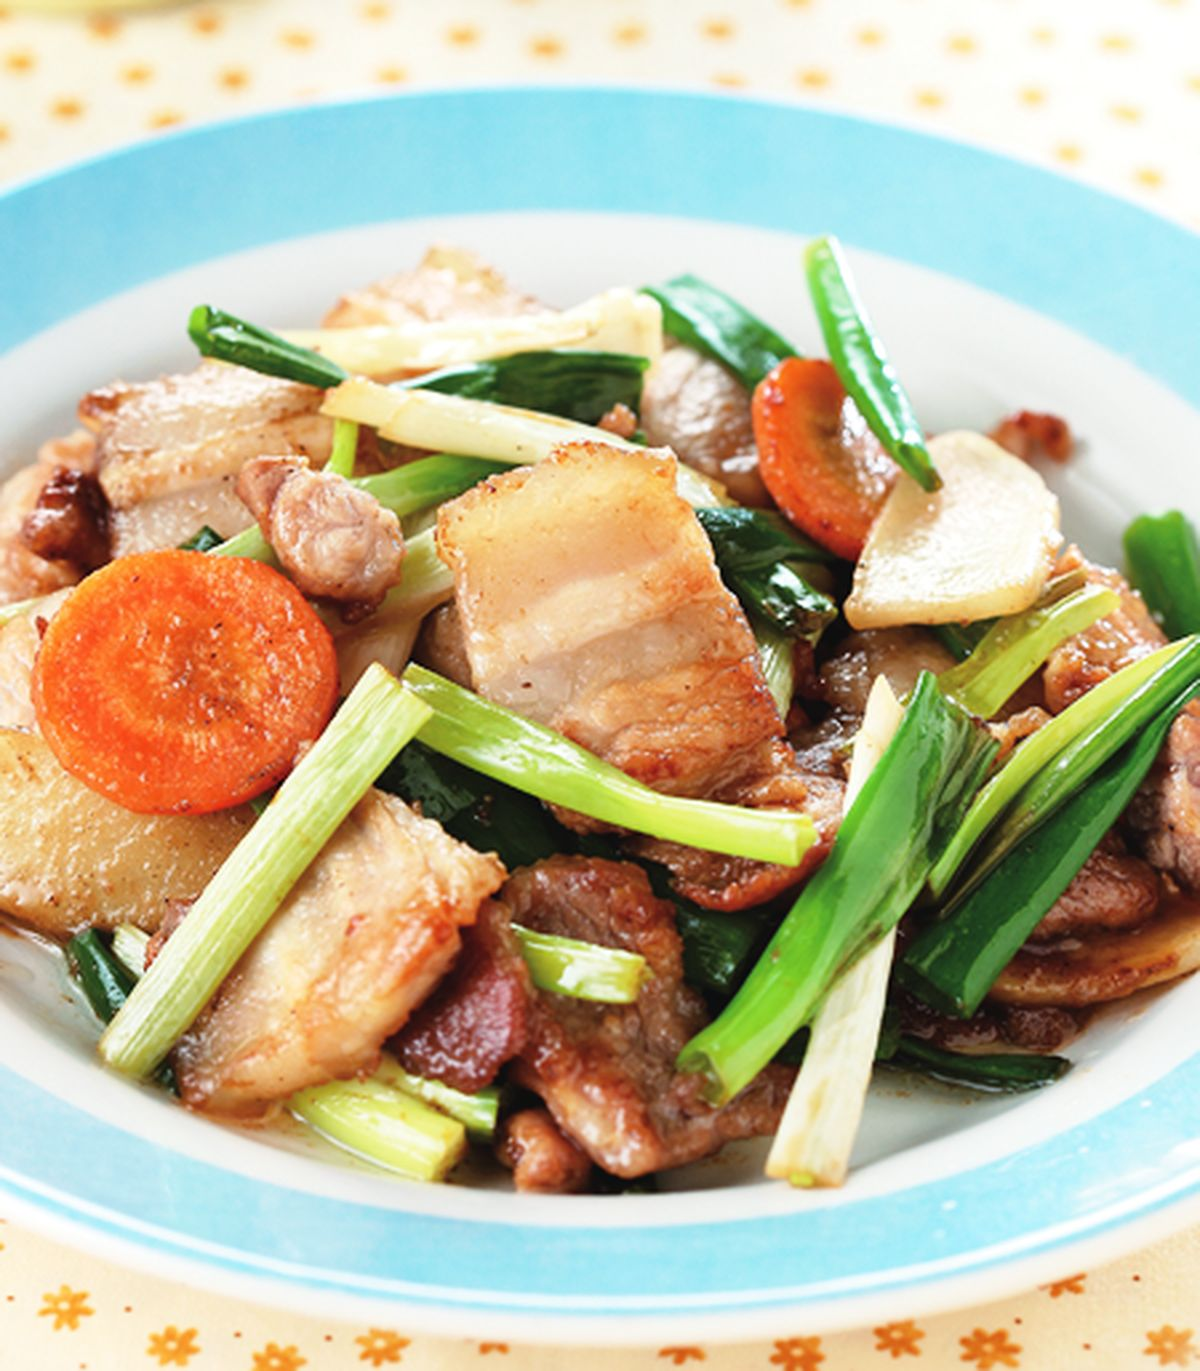 食譜:蔥薑清炒肉片